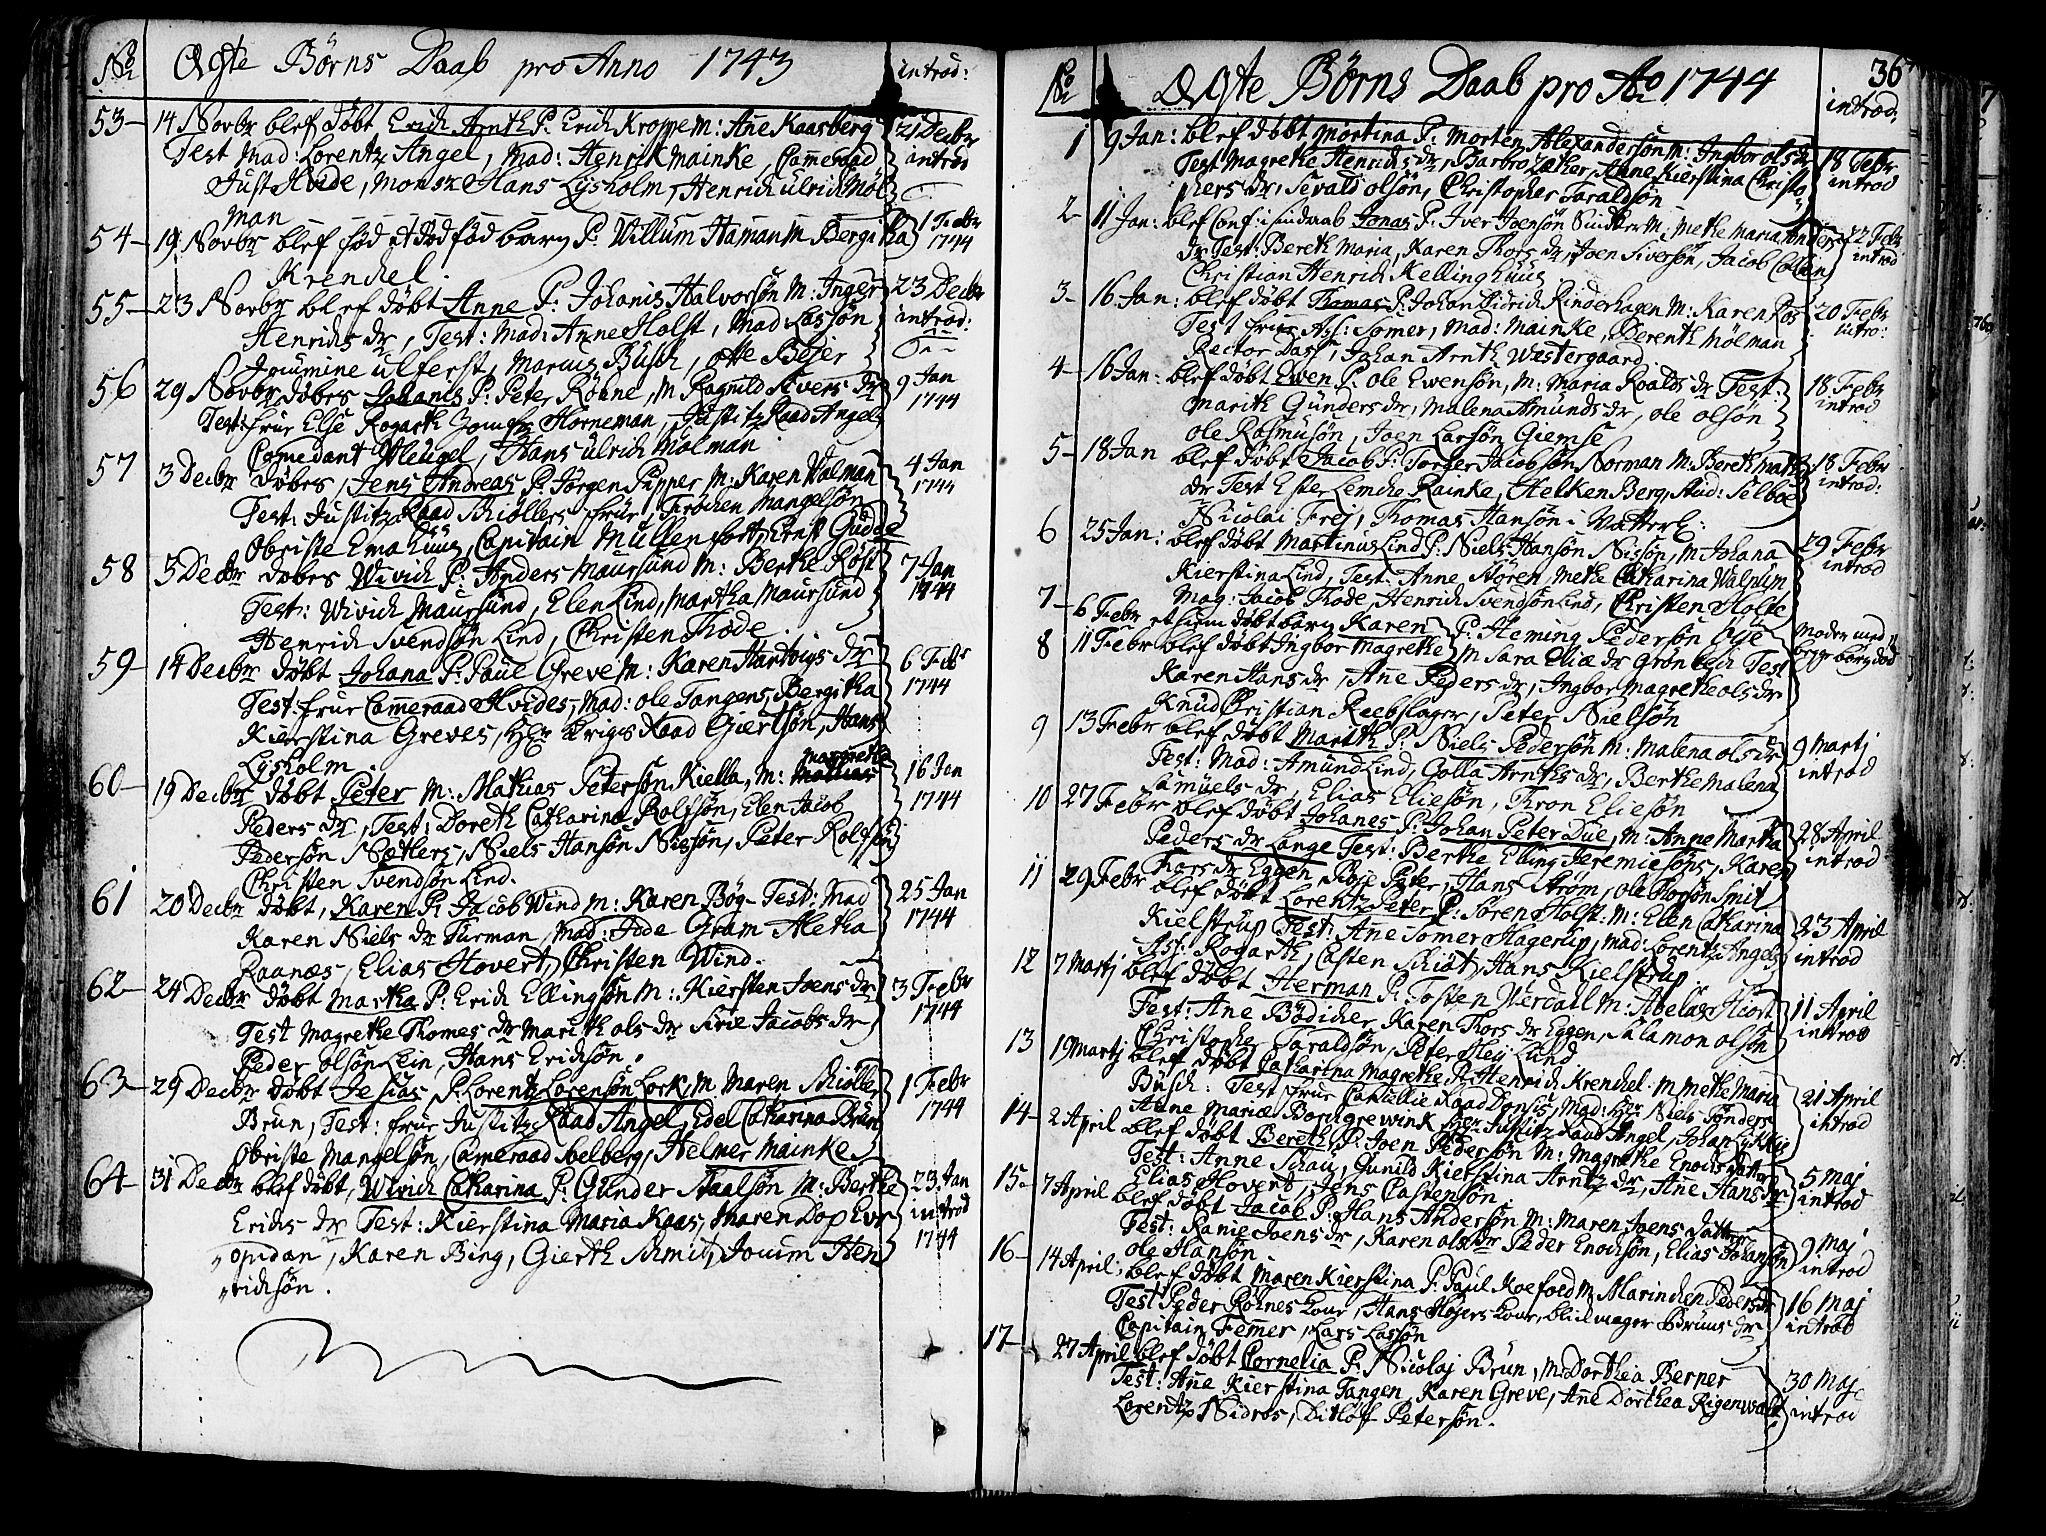 SAT, Ministerialprotokoller, klokkerbøker og fødselsregistre - Sør-Trøndelag, 602/L0103: Ministerialbok nr. 602A01, 1732-1774, s. 36